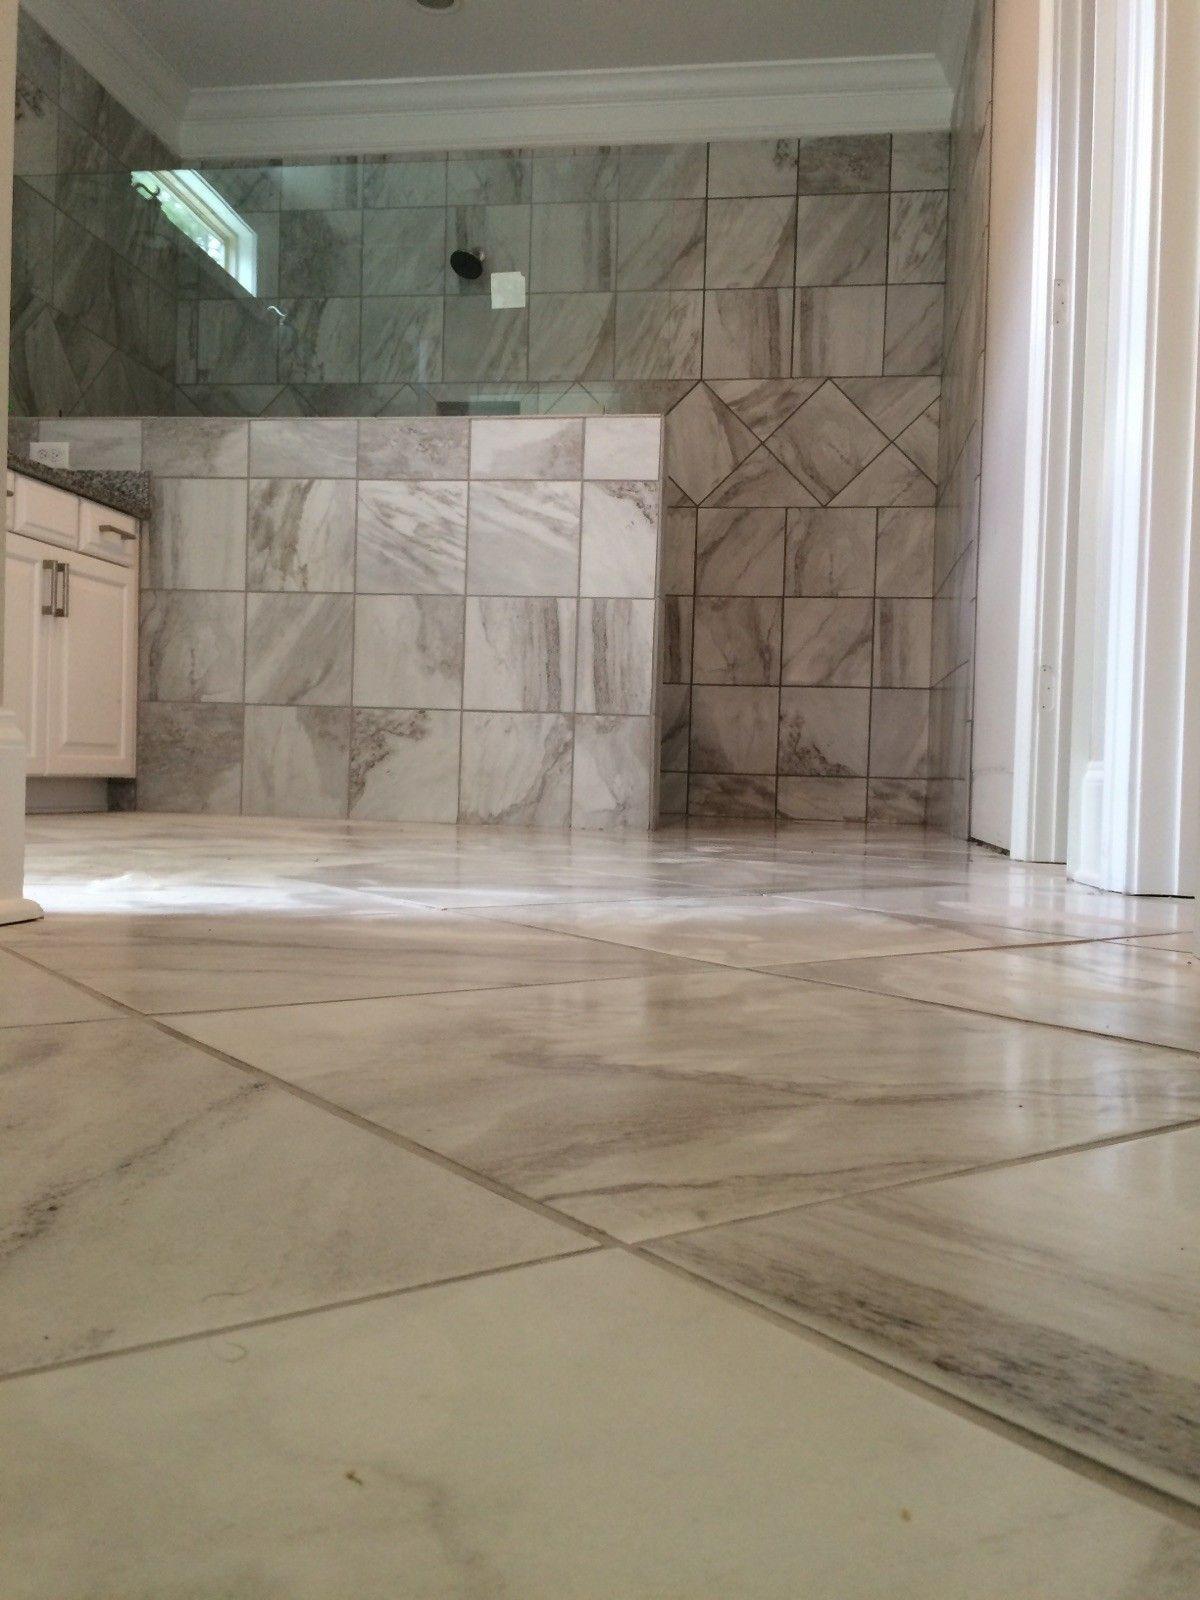 Atl remodeling renovation addition bathroom